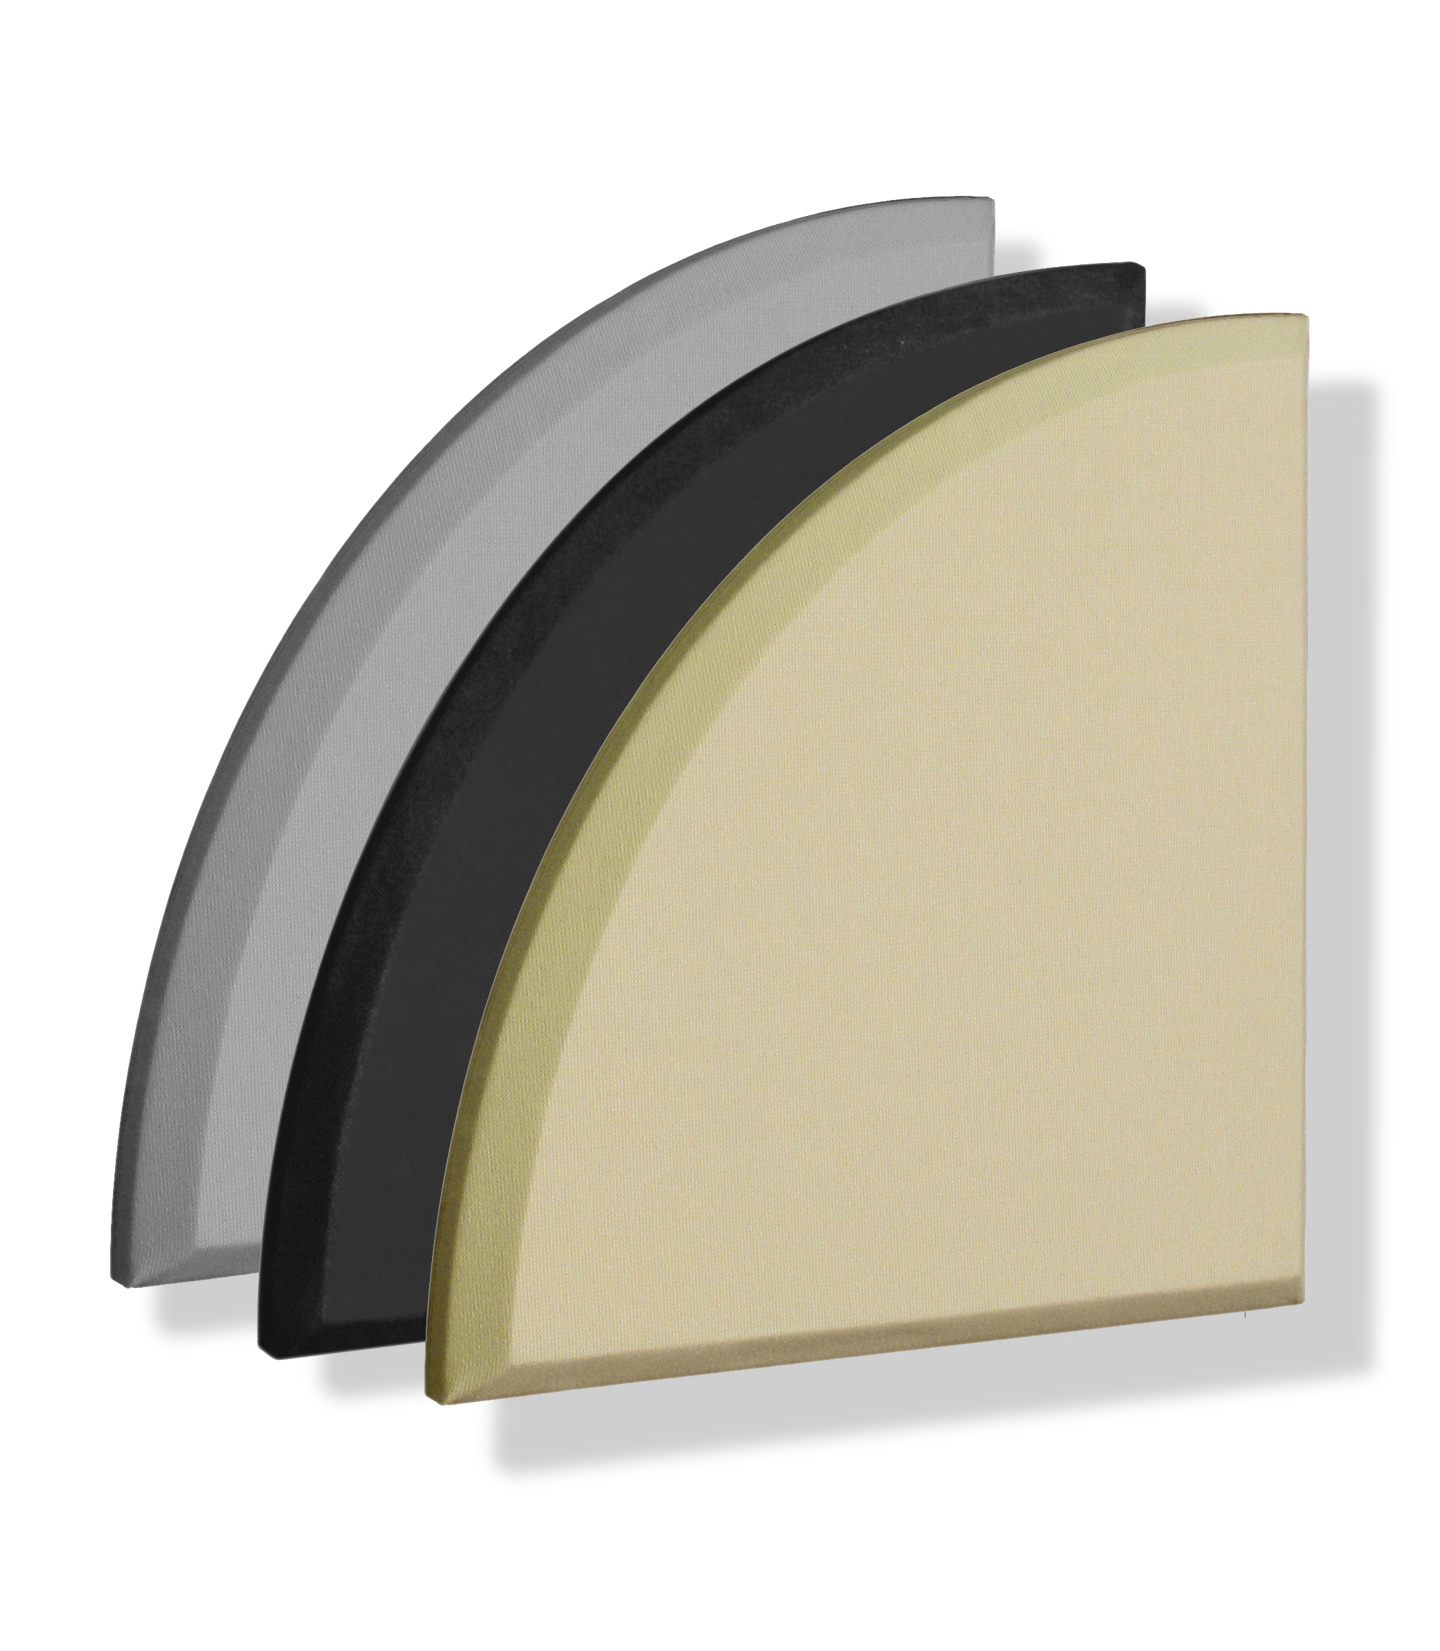 buy primacoustic 2 accent apex beige 2pcs per pack